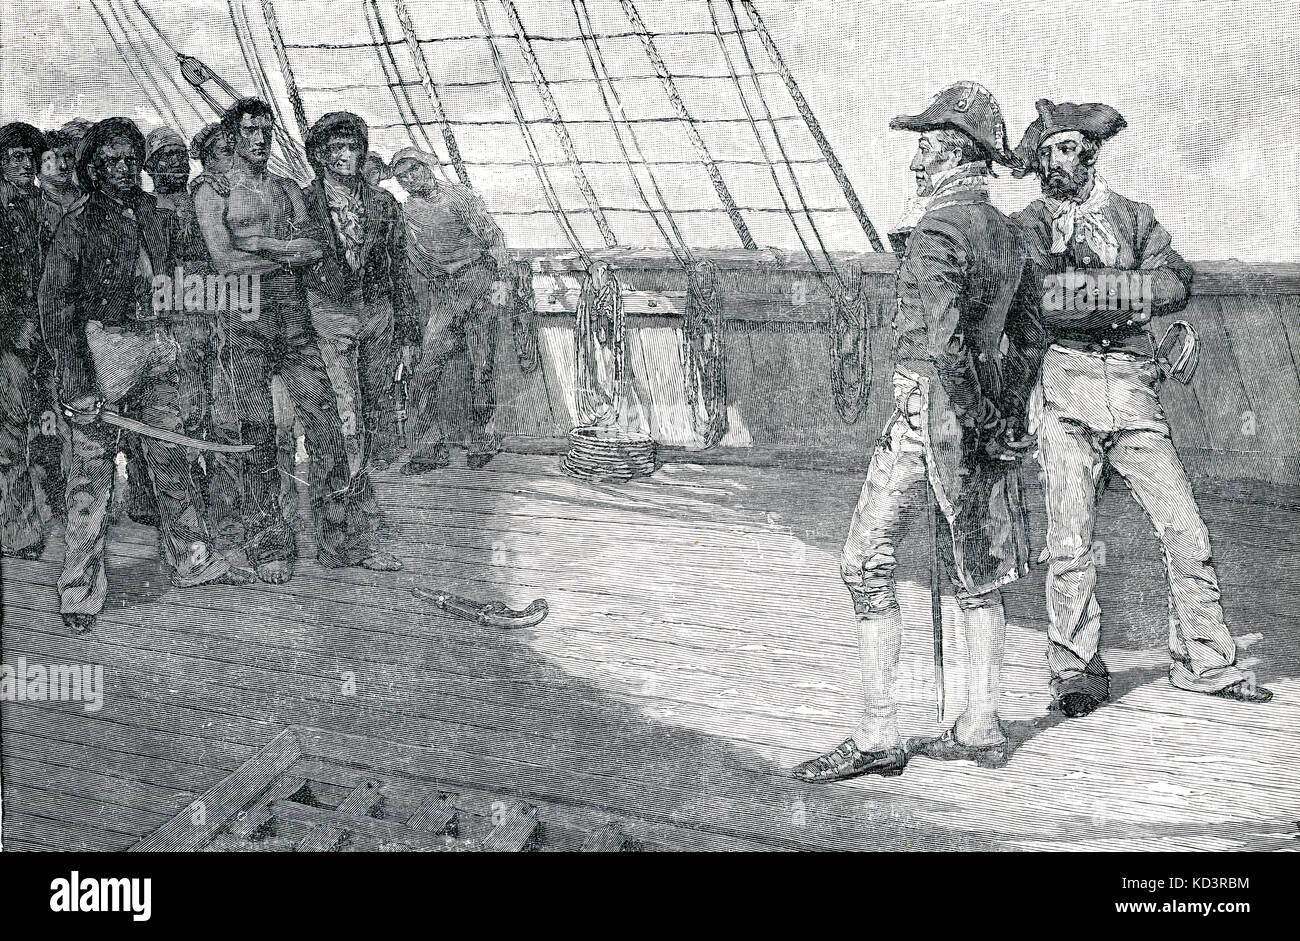 Impressment of American Seamen, deuxième guerre pour l'indépendance / guerre de 1812. Illustration de Howard Pyle, 1884 Banque D'Images